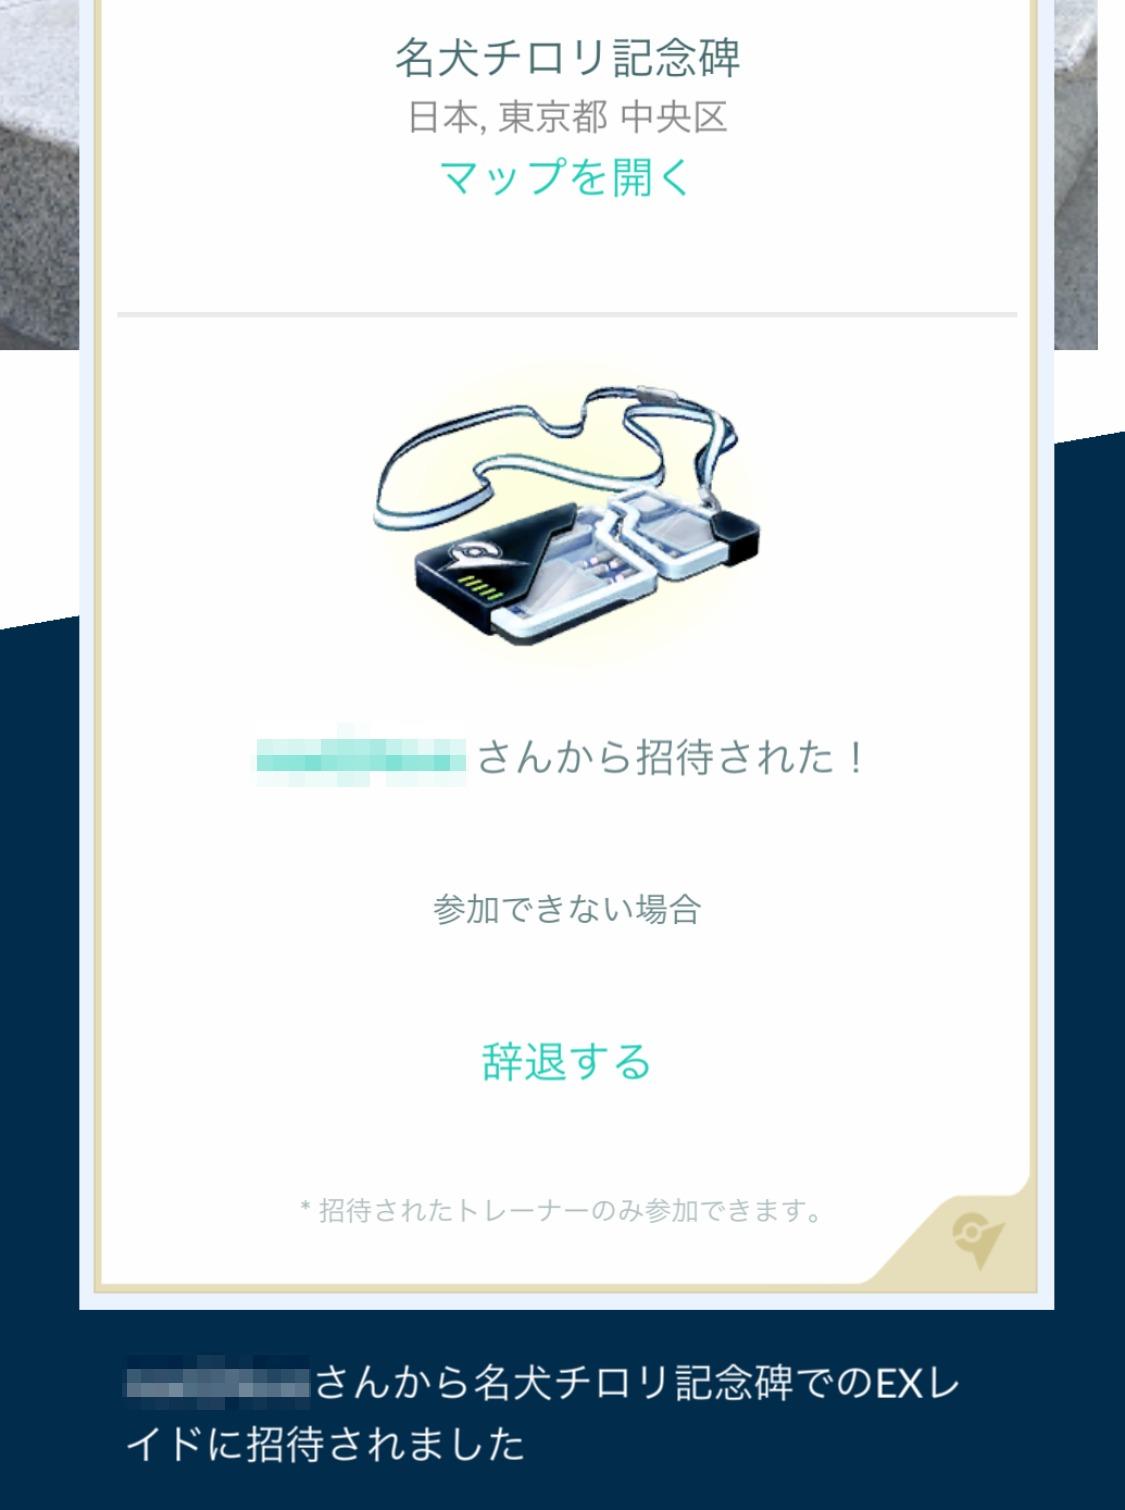 レイド ポケ 招待 go